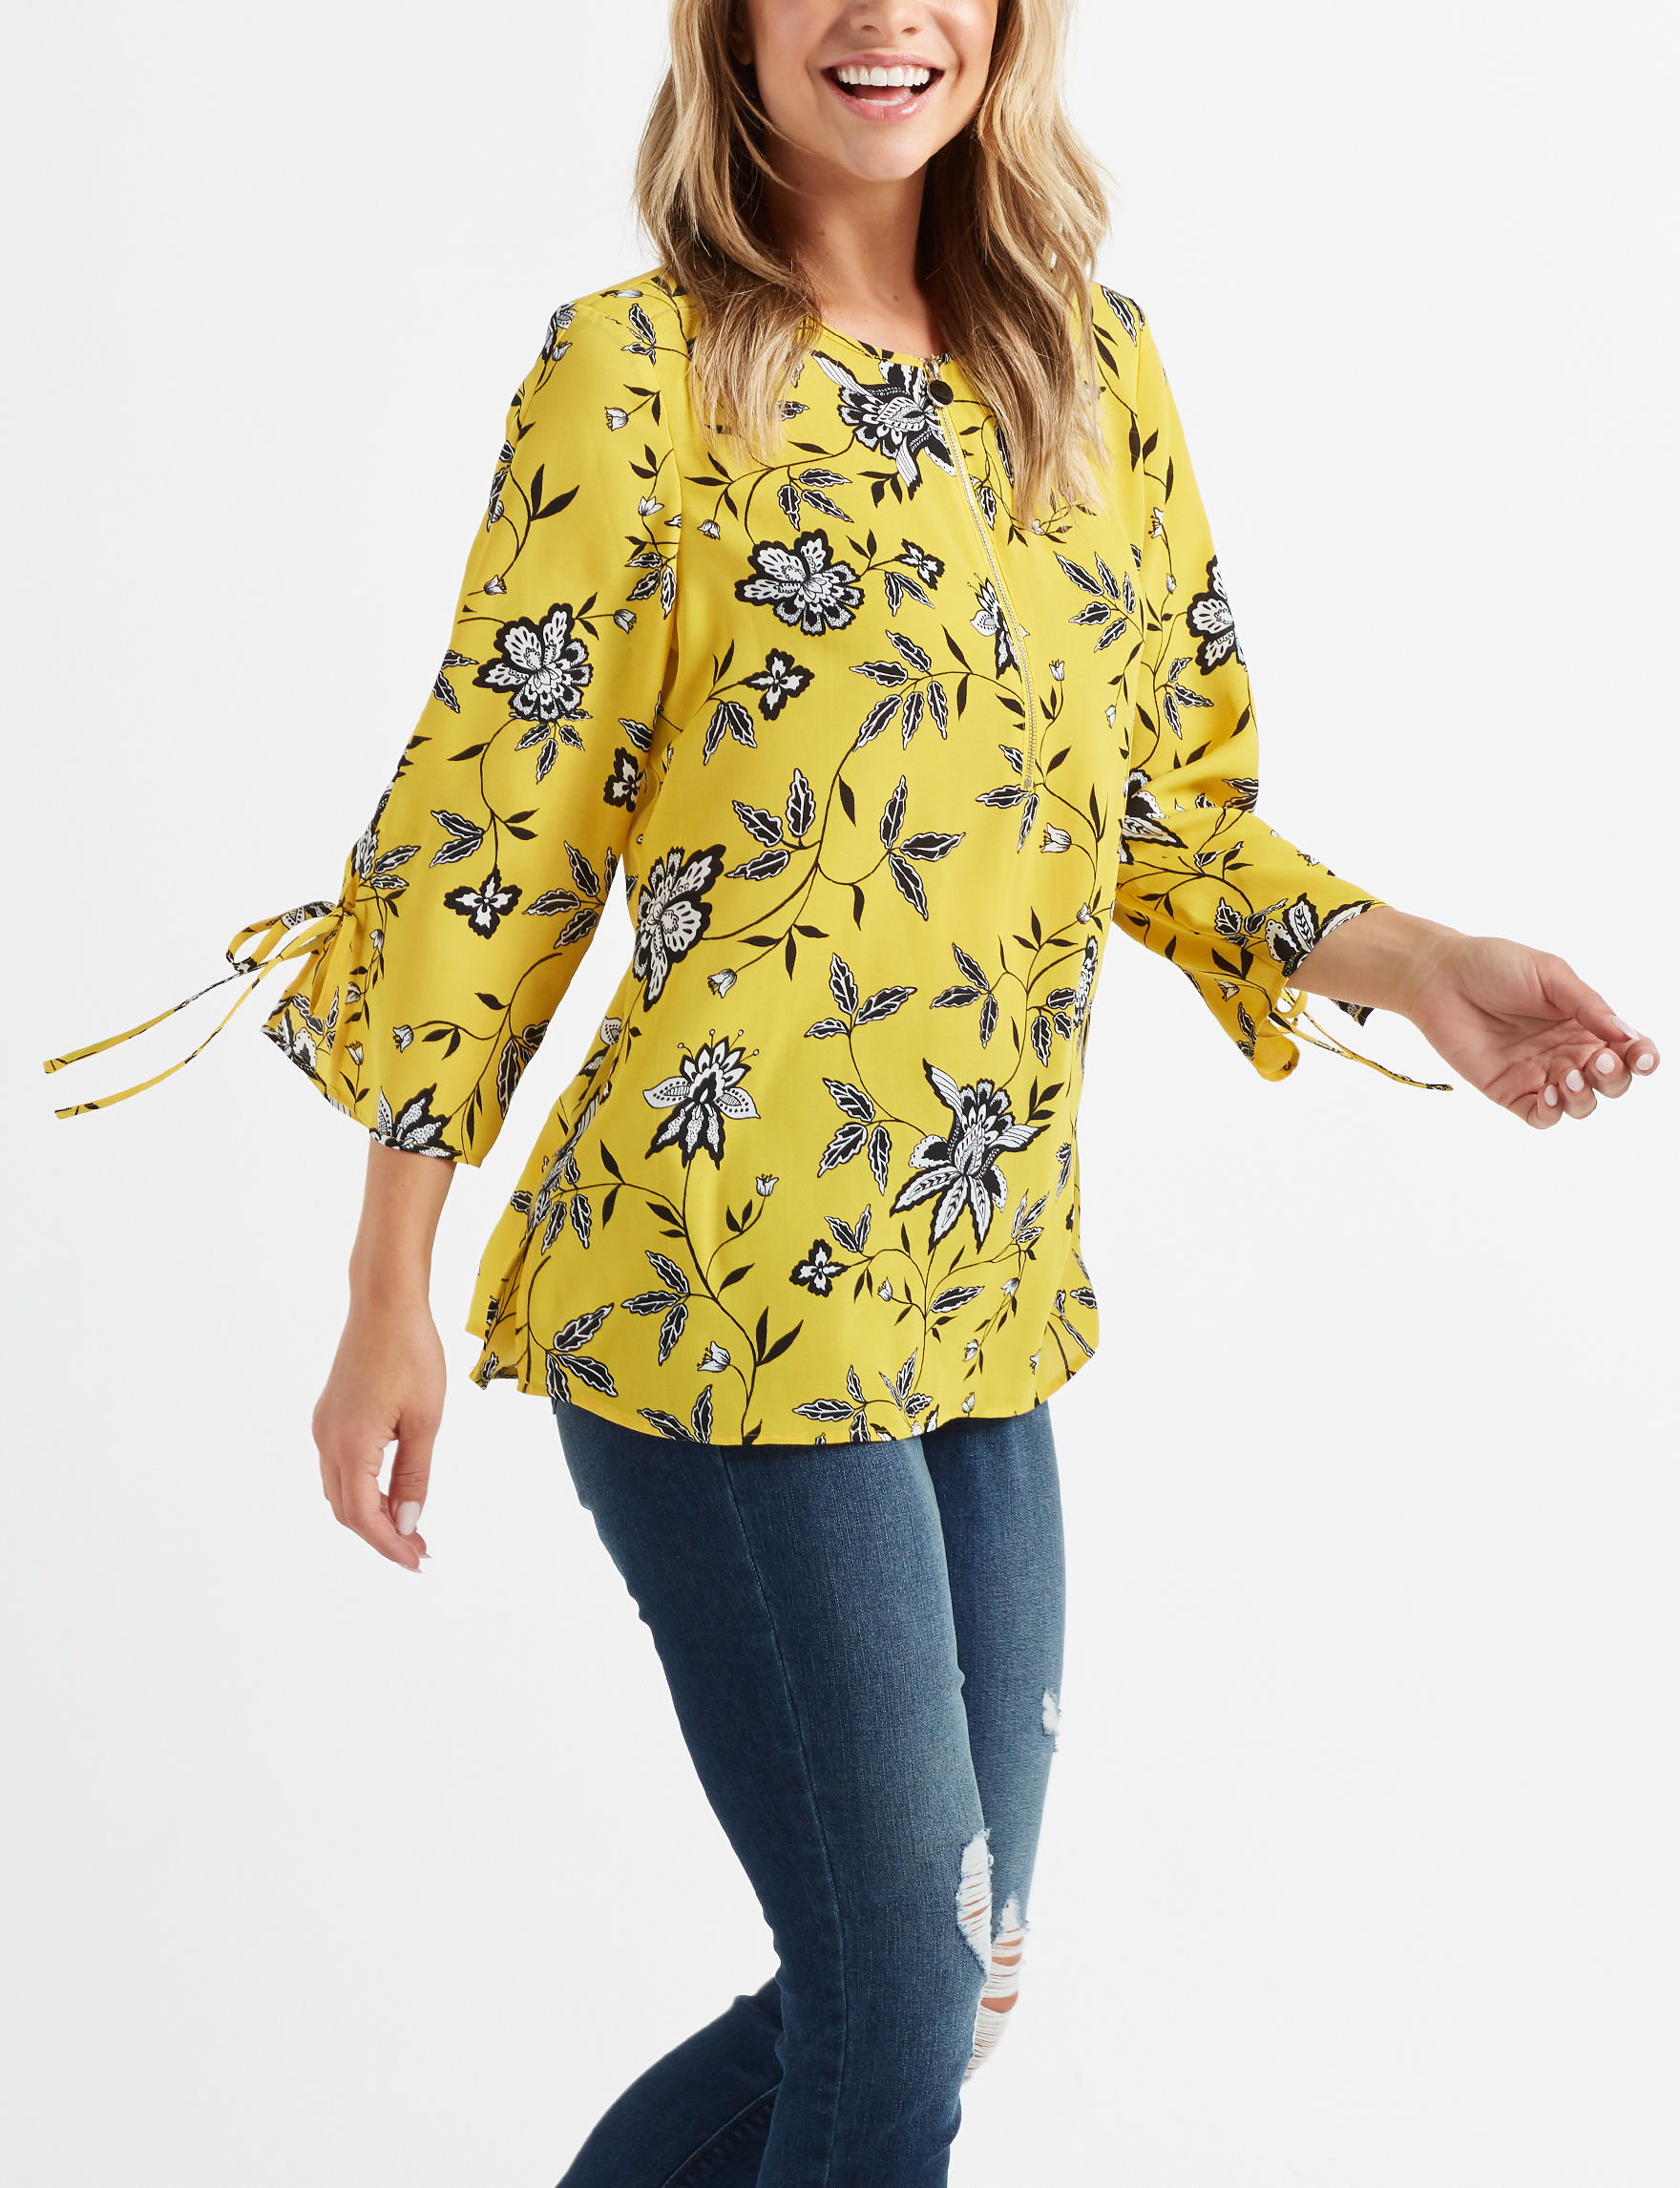 Counterparts Yellow Shirts & Blouses